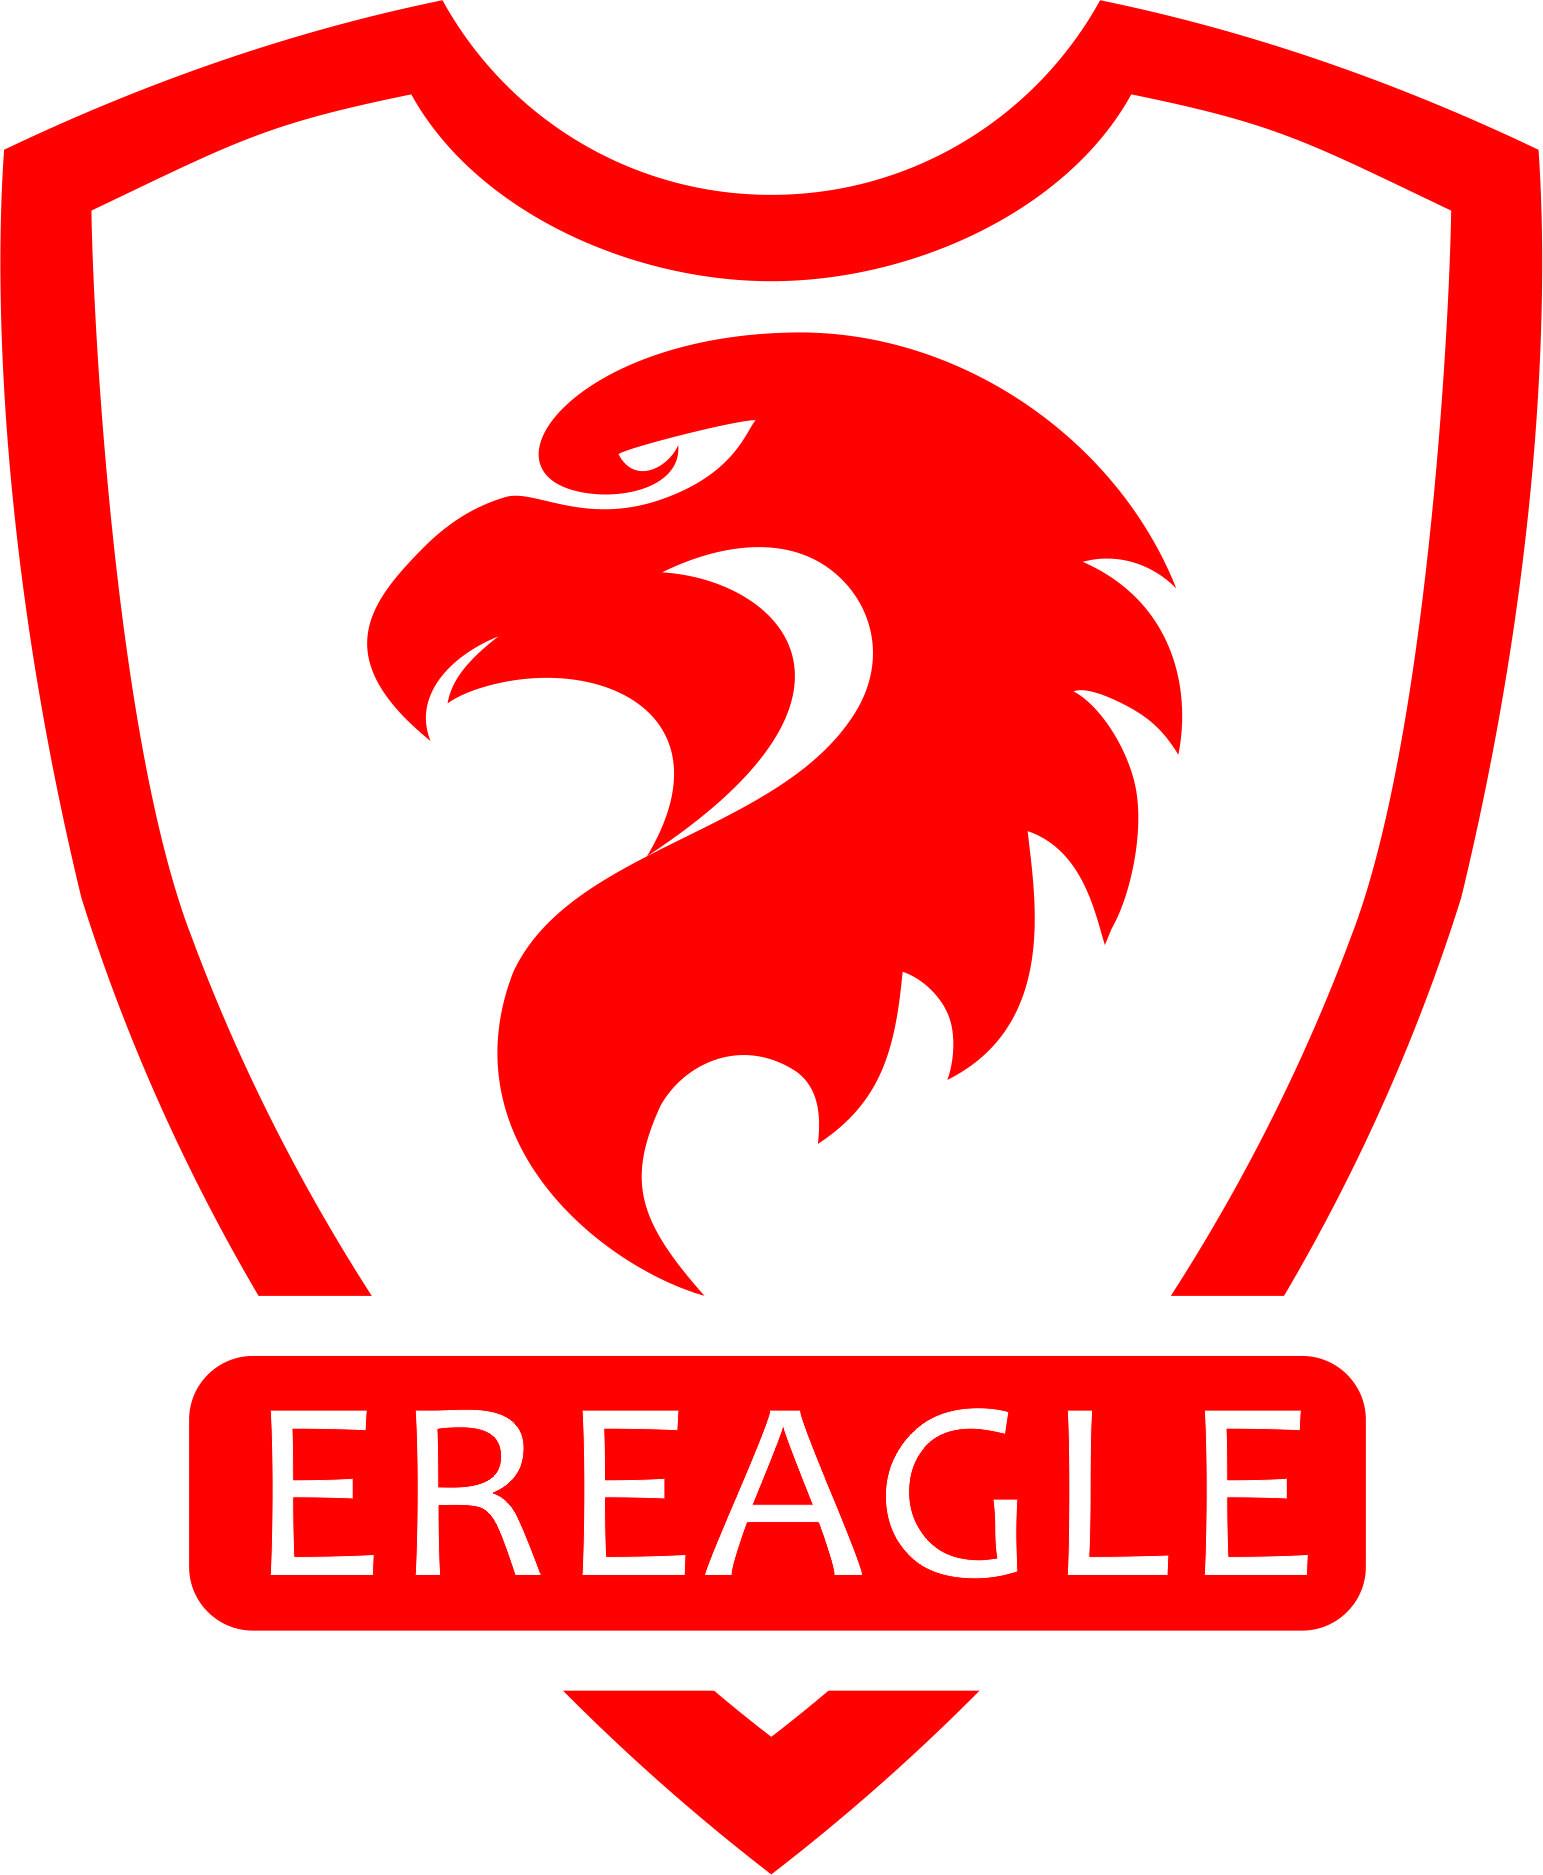 Ereagle